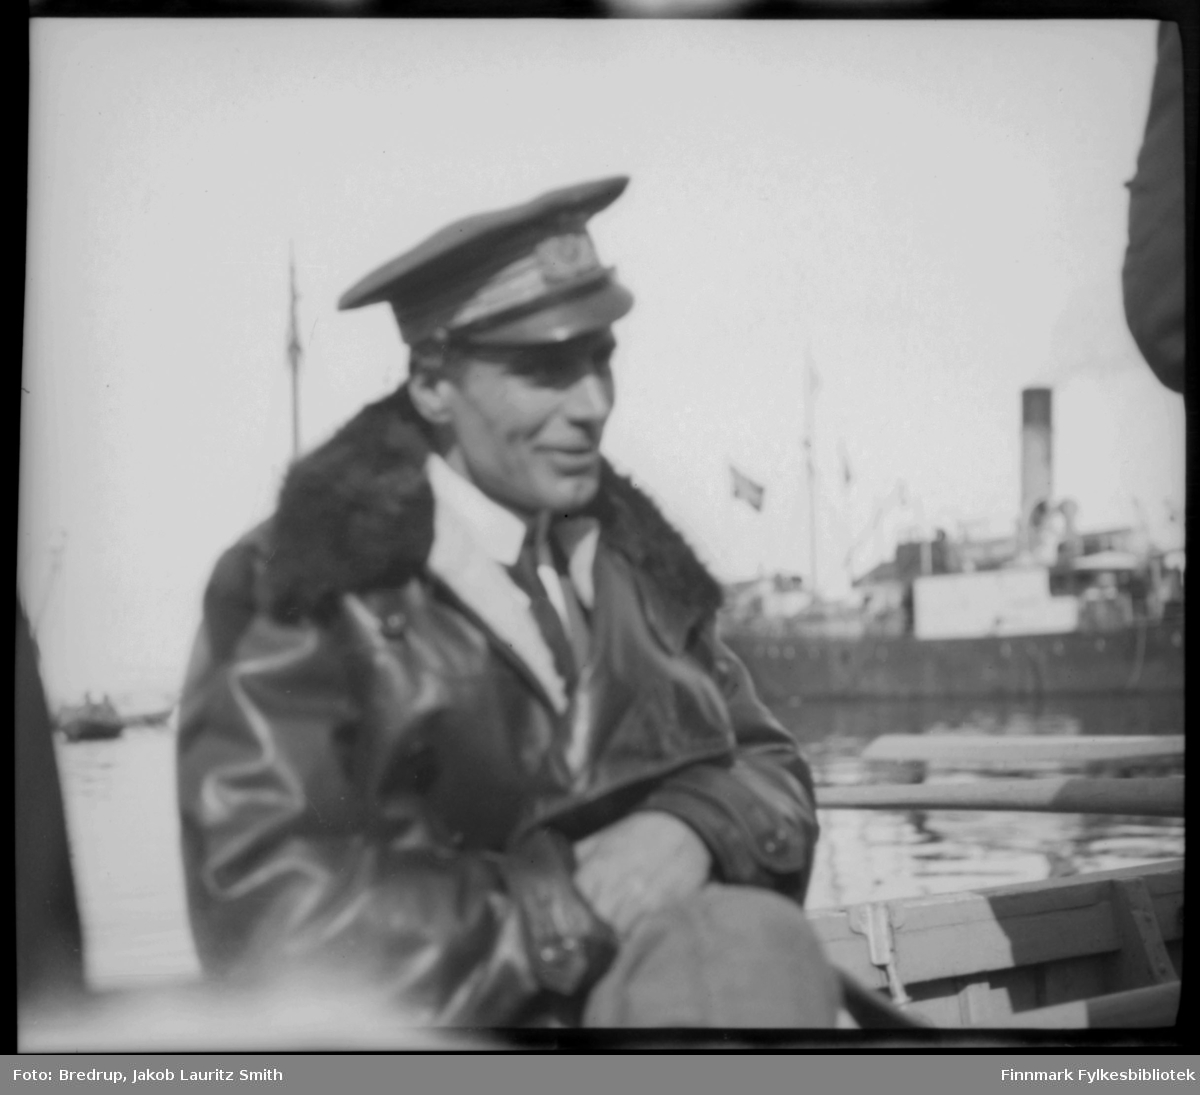 Portrett av en smilende Umberto Nobile som fraktes i robåt over sundet melleom Vadsøya og fastlandet.  Det var offisiell lunsj for offiserene i fylkesmannboligen, og Nobile var antakelig til stede.  I bakgrunnen ser vi et dampskip.